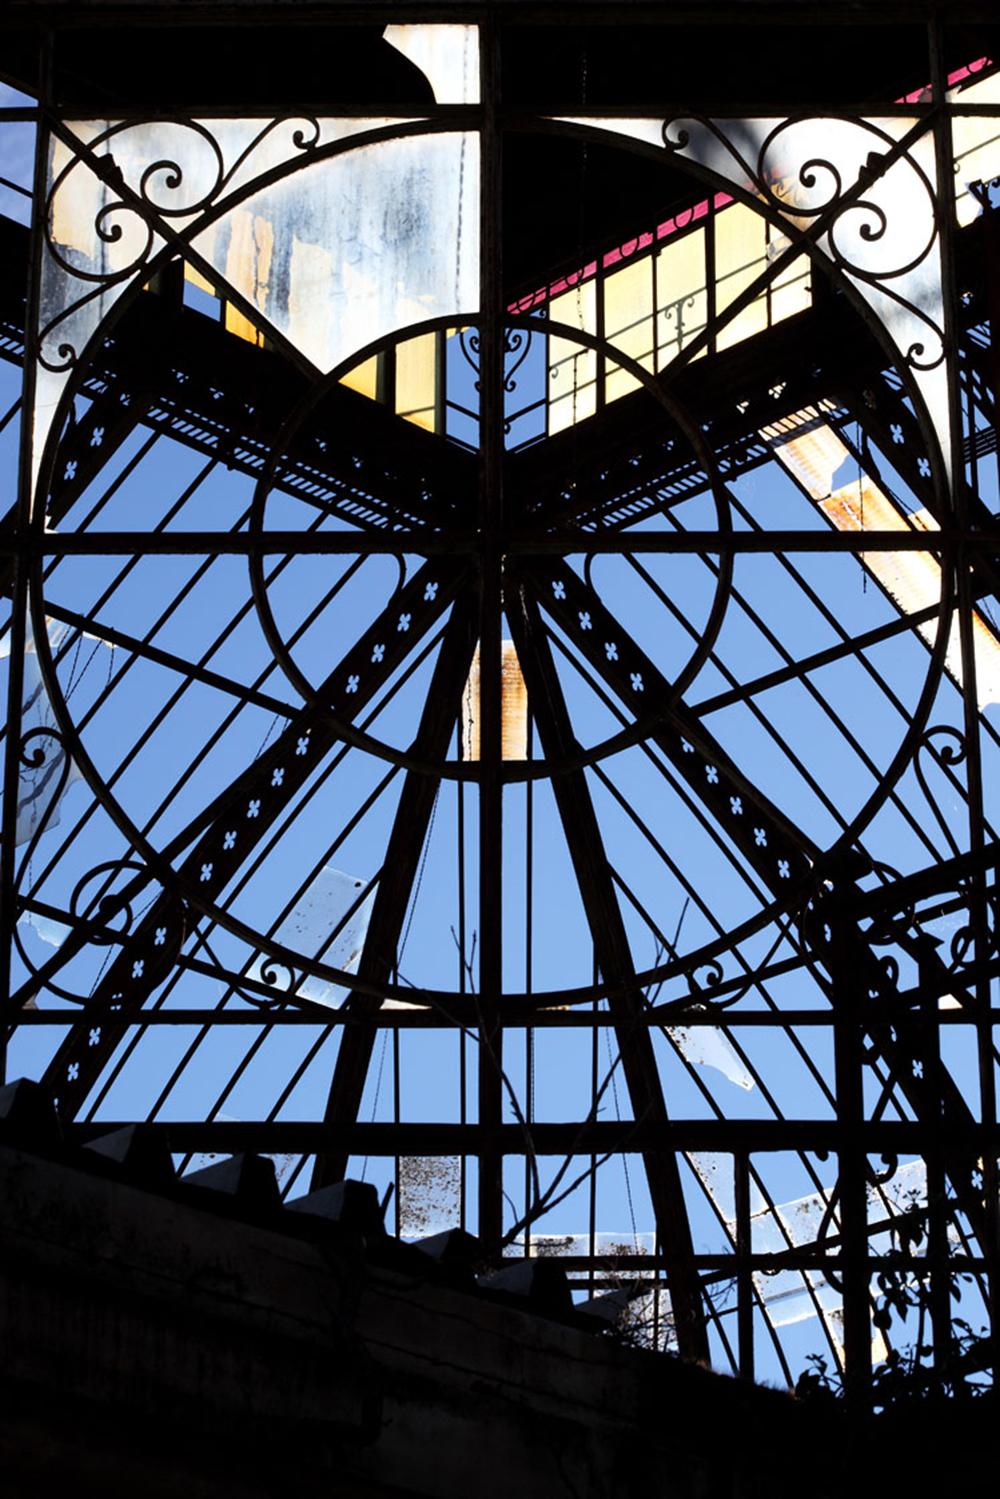 Trevor Skinner House of glass - Sóc Sant Feliu de Guíxols